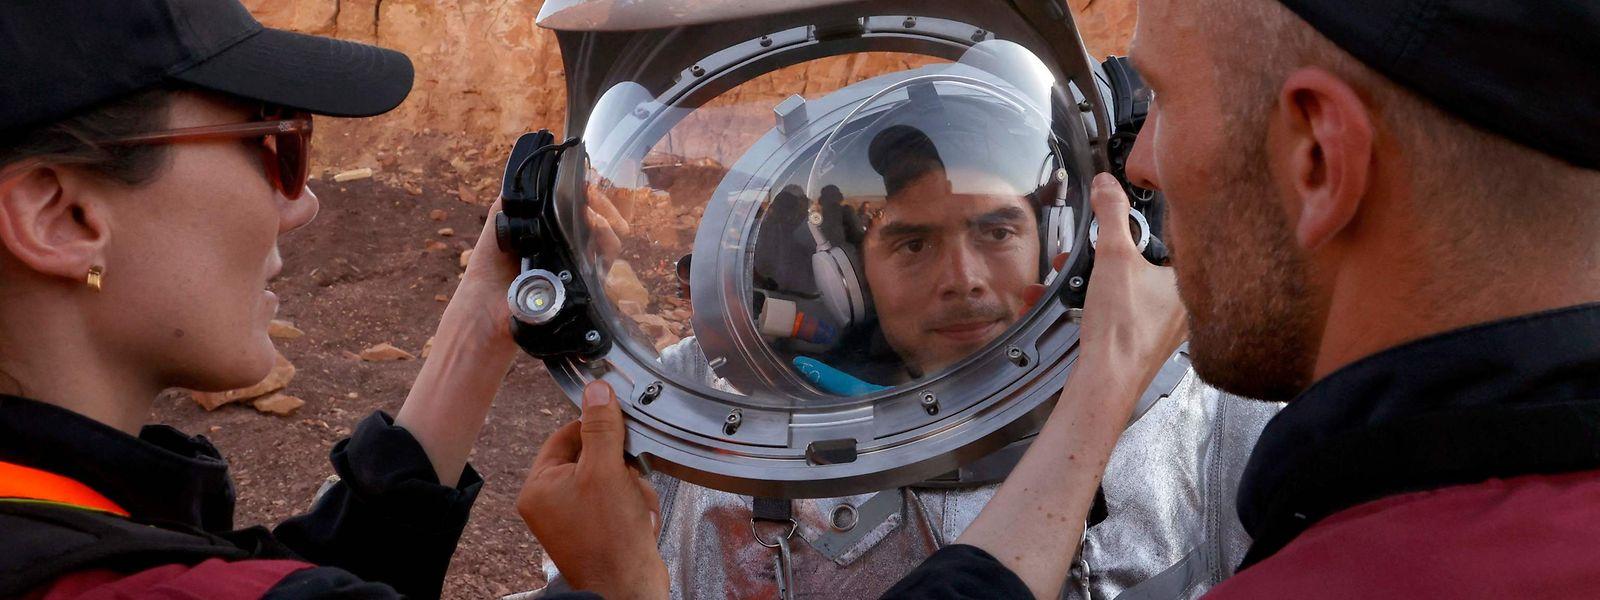 Là, ce n'est pas du cinéma. La mission AMADEE-20 est on ne peut plus scientifique à l'approche de la conquête martienne.